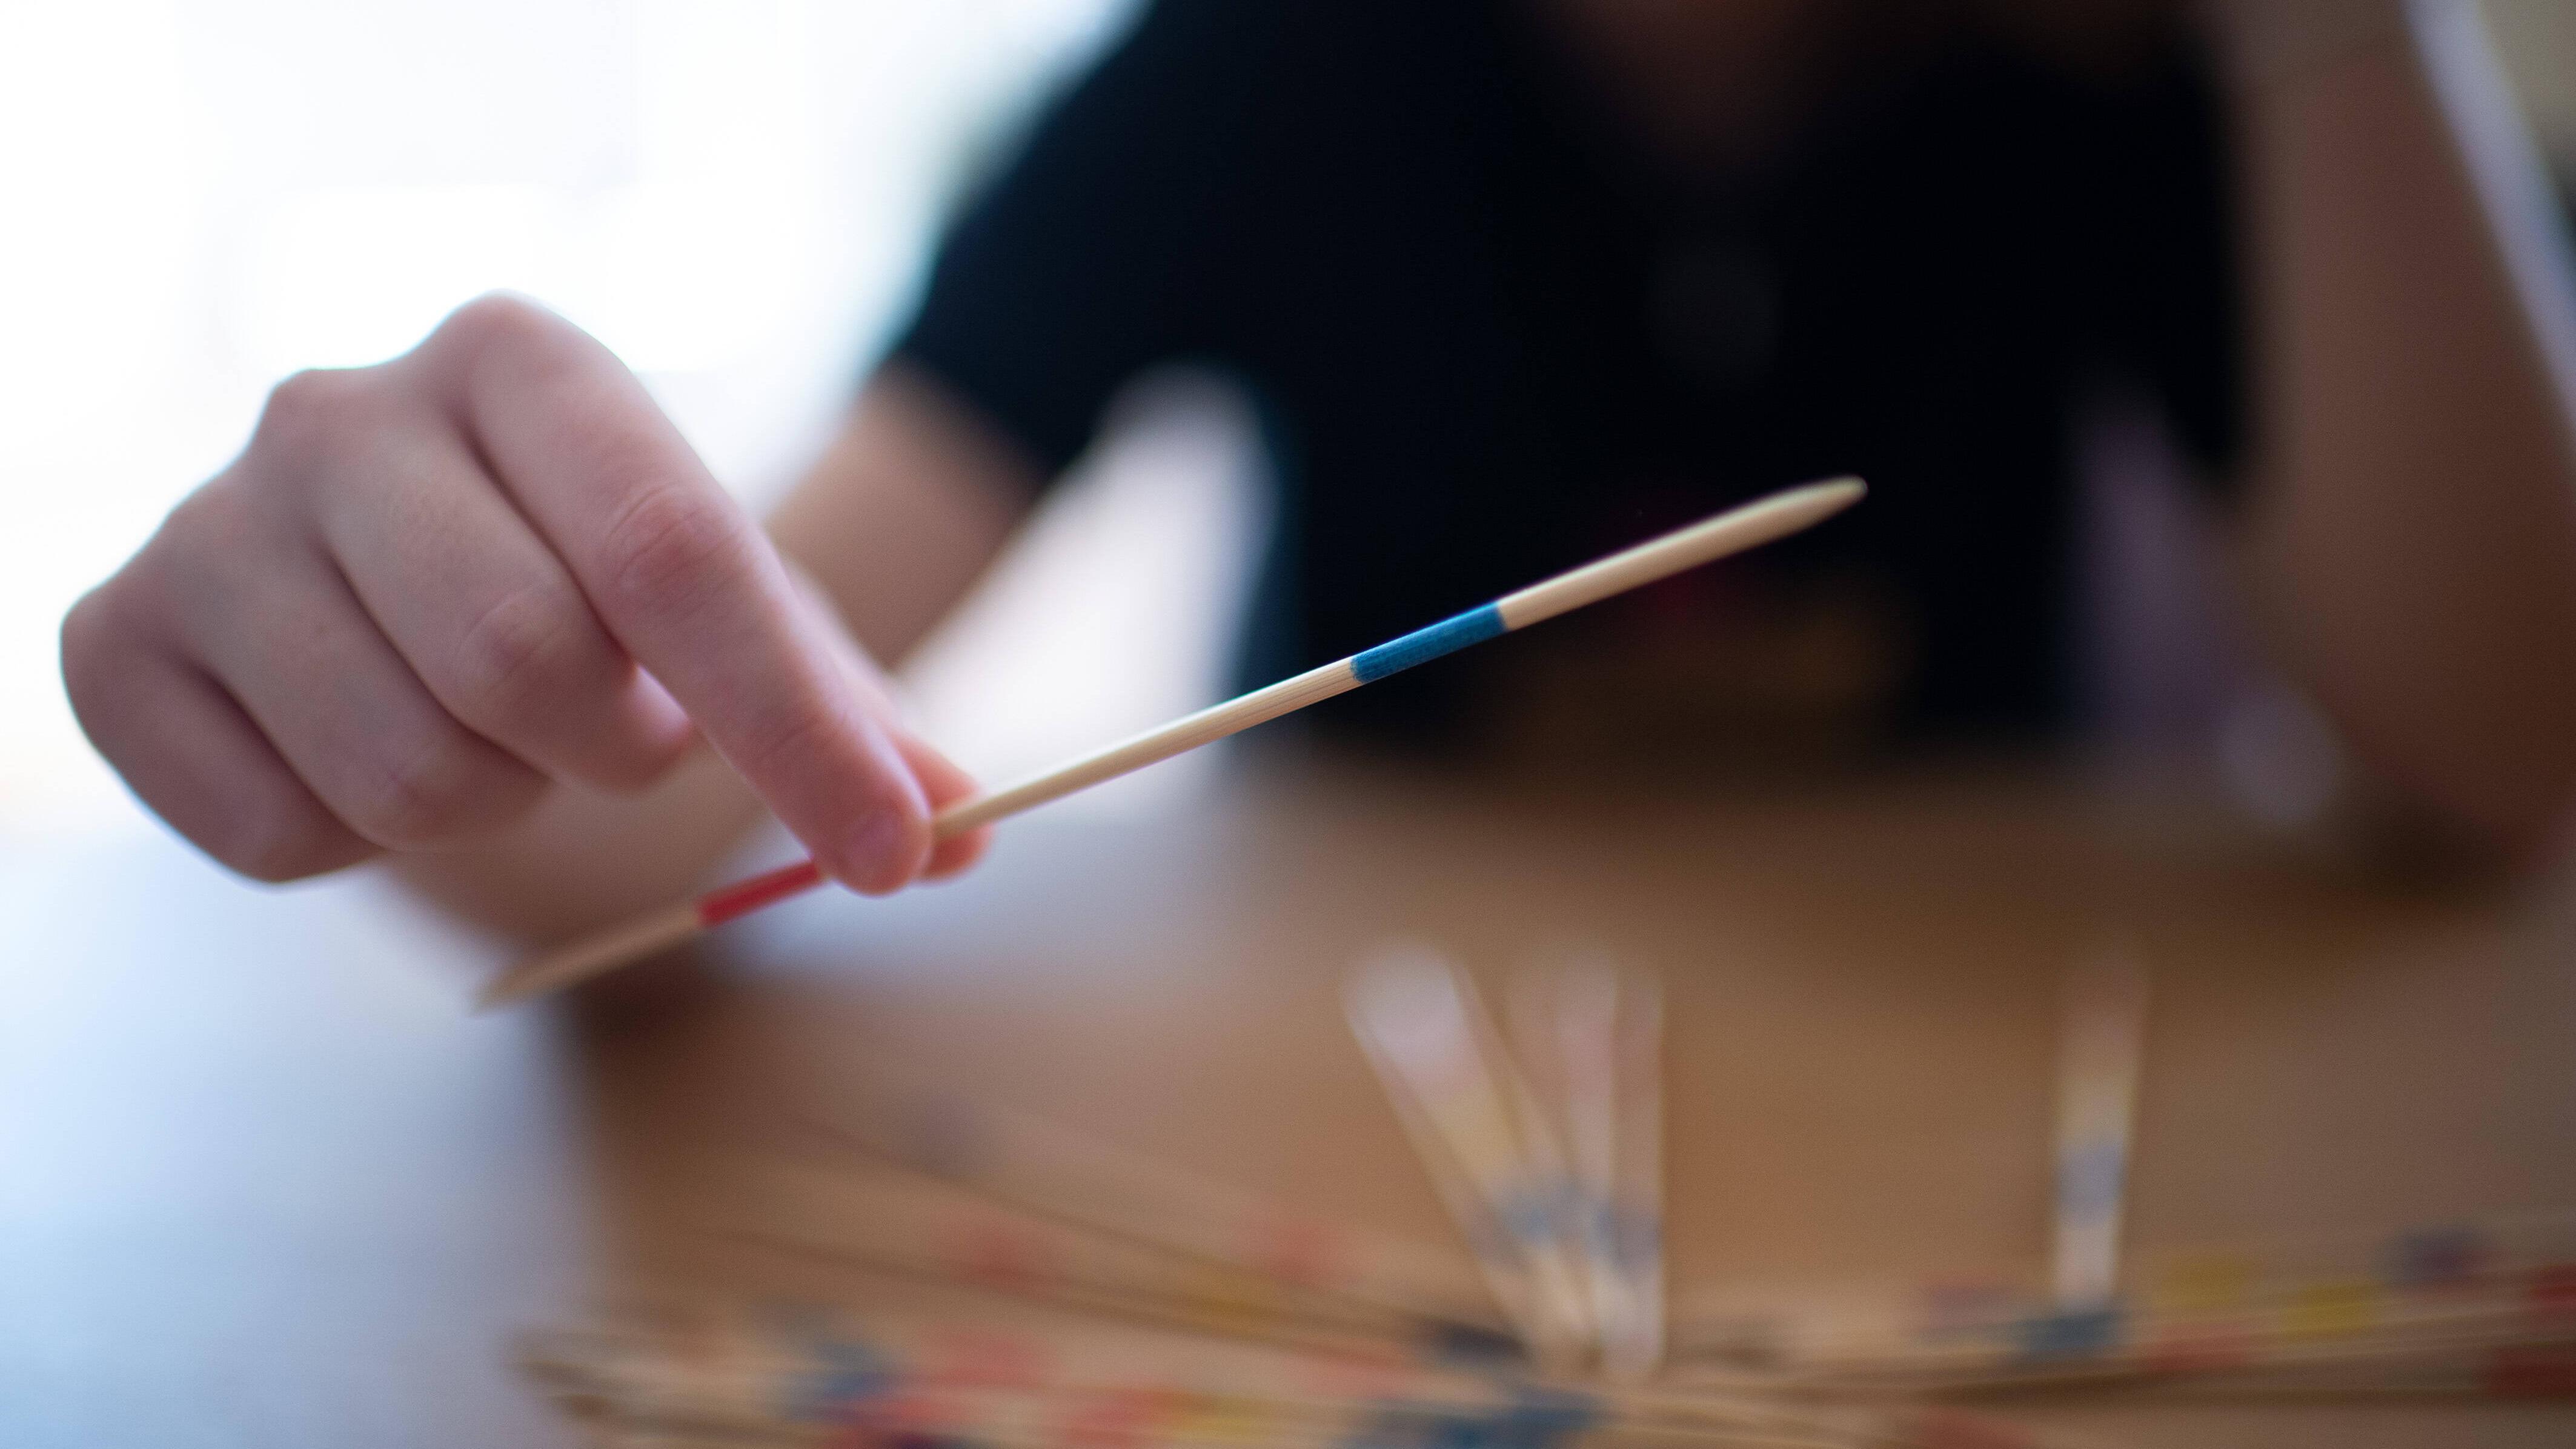 Mikado Geschicklichkeitsspiel für Kinder - Spielregeln einfach erklärt